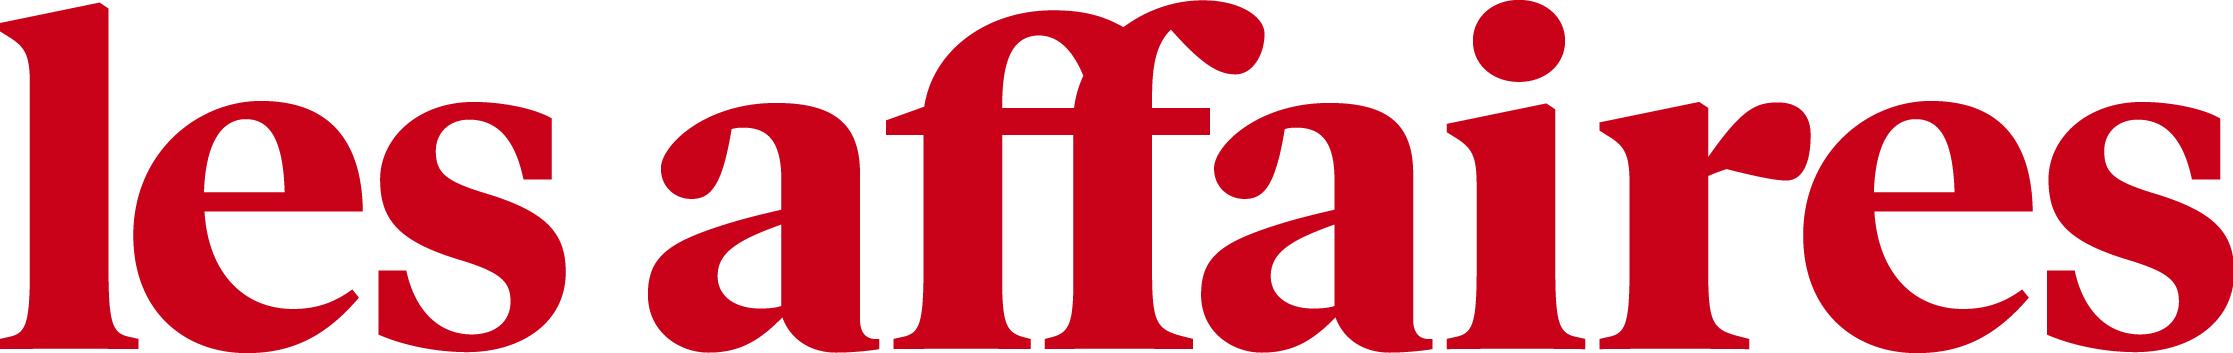 lesaffaires-logo_hires.jpg